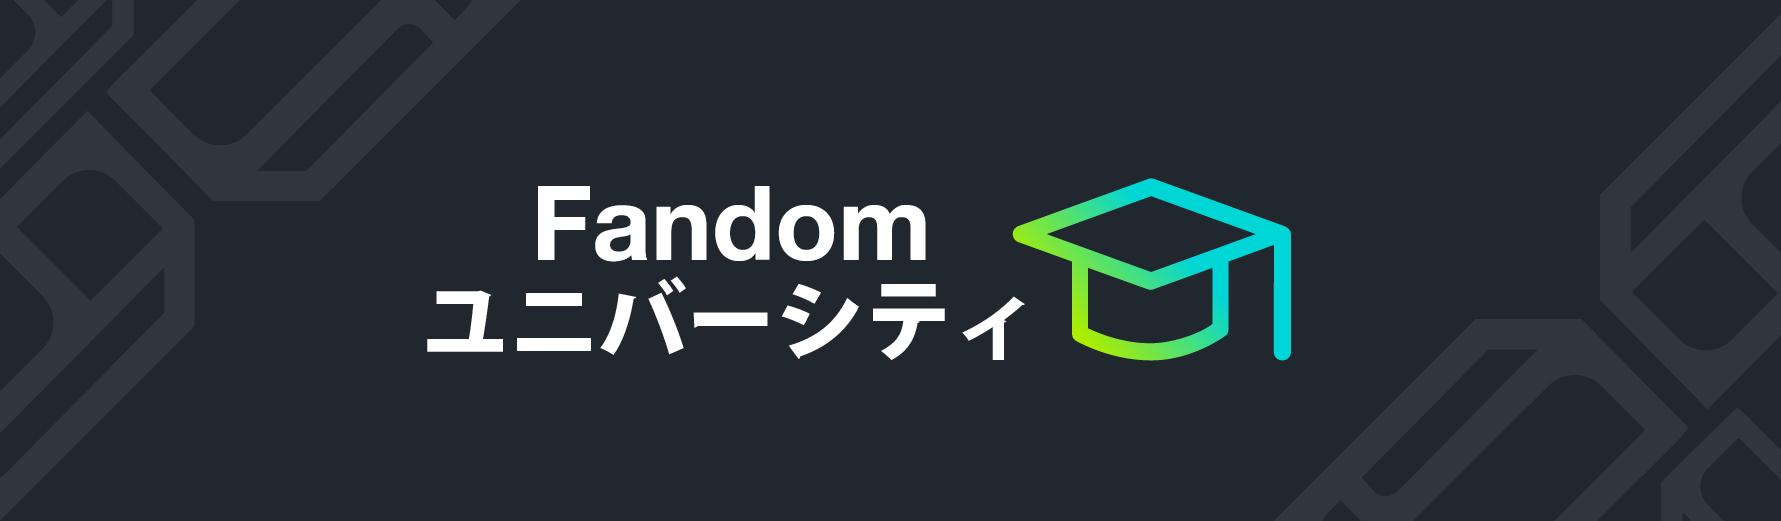 JA-Fandom-University-Header-Logo.jpg